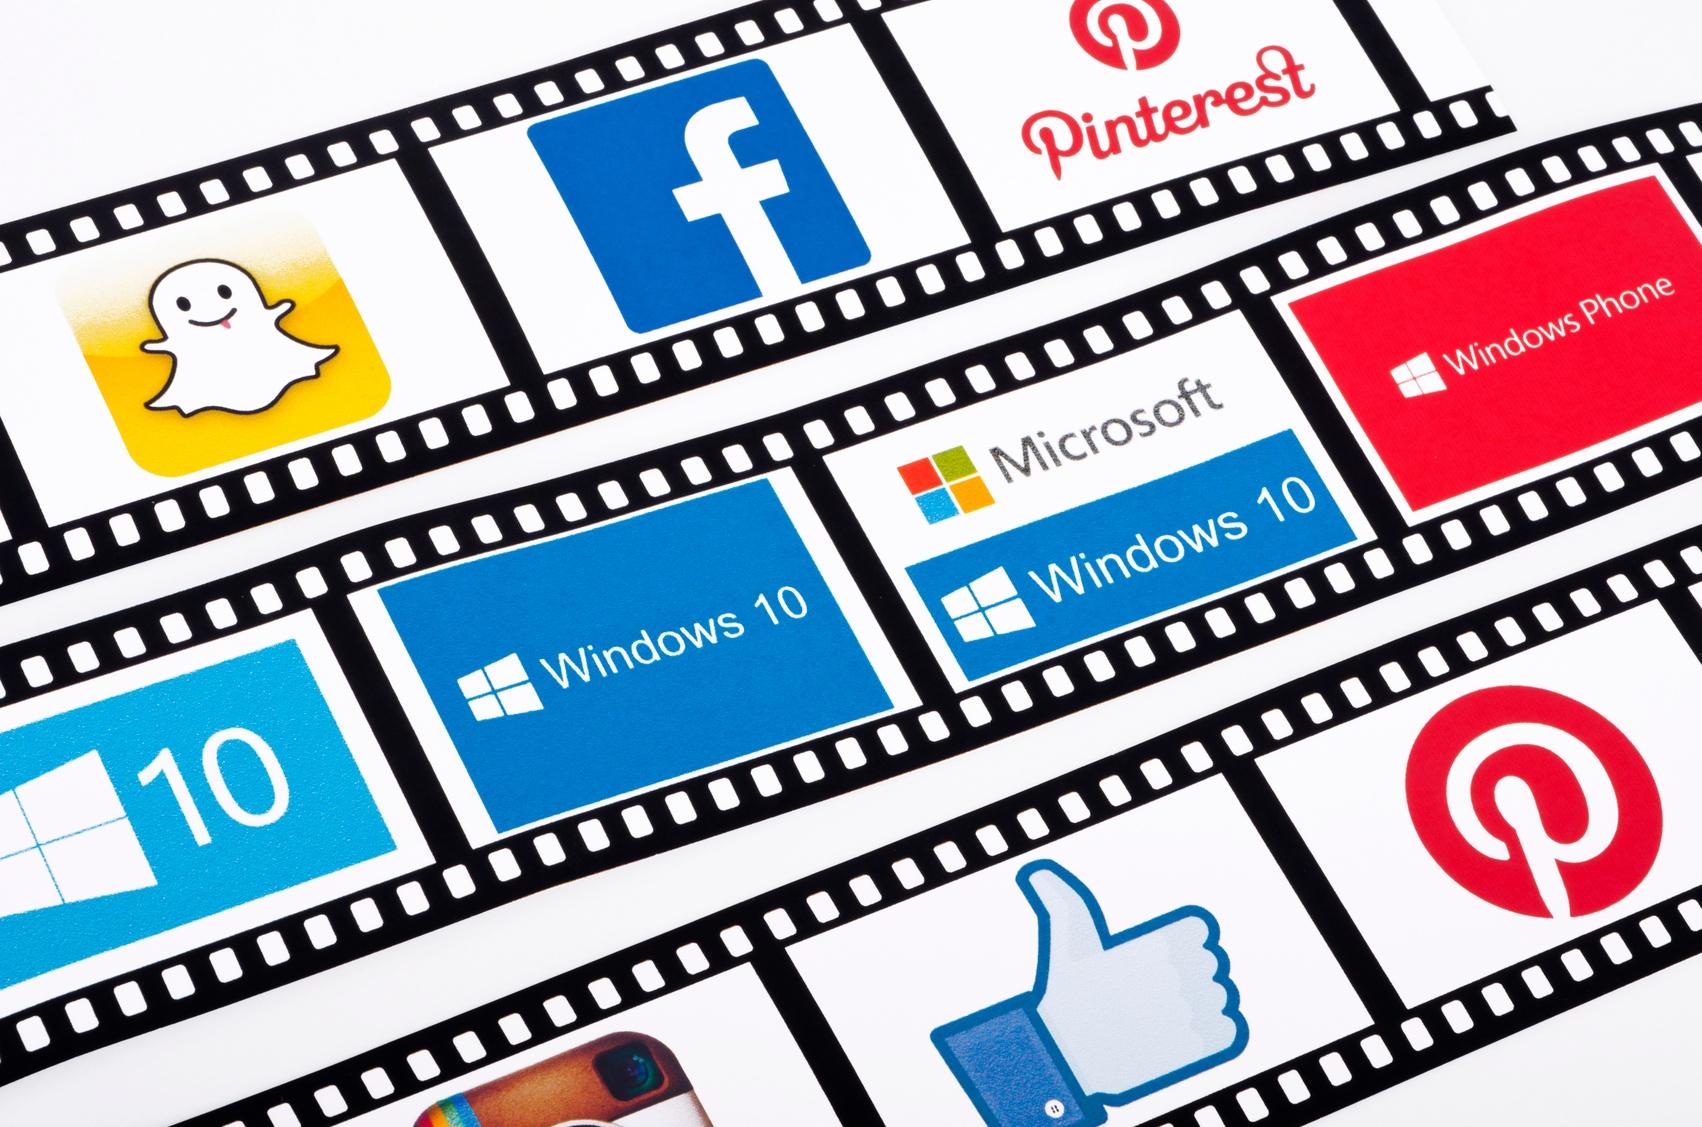 popular-social-media-icons-000085197521_Medium.jpg